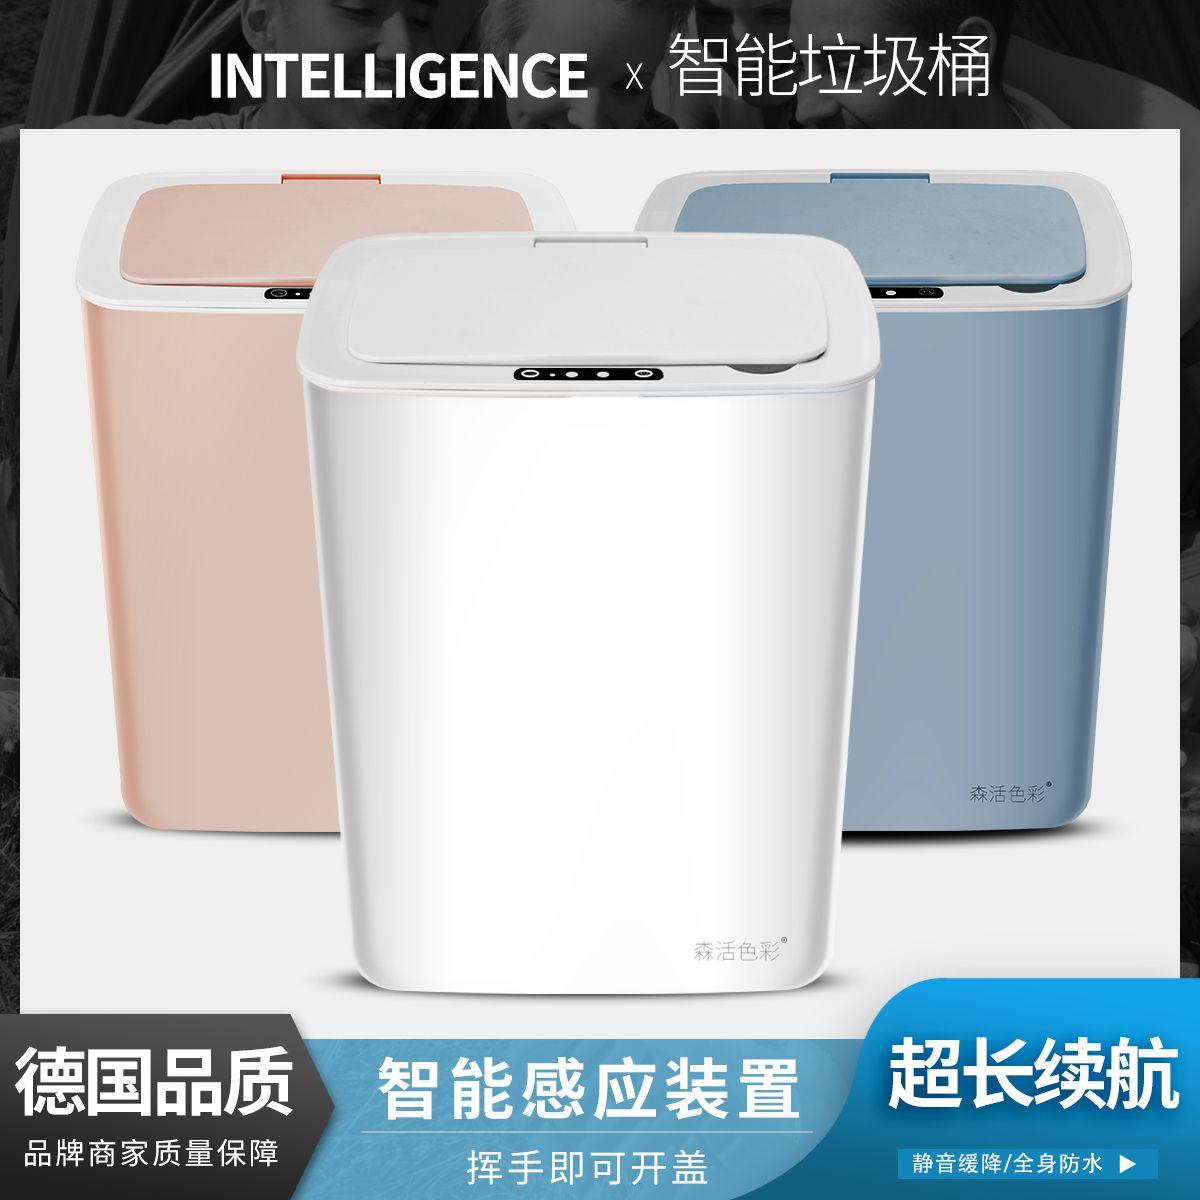 厂家直销14L智能感应垃圾桶 淘宝抖音快手直播代发家居智能电器 垃圾桶 G0J5-0519智能感应垃圾桶